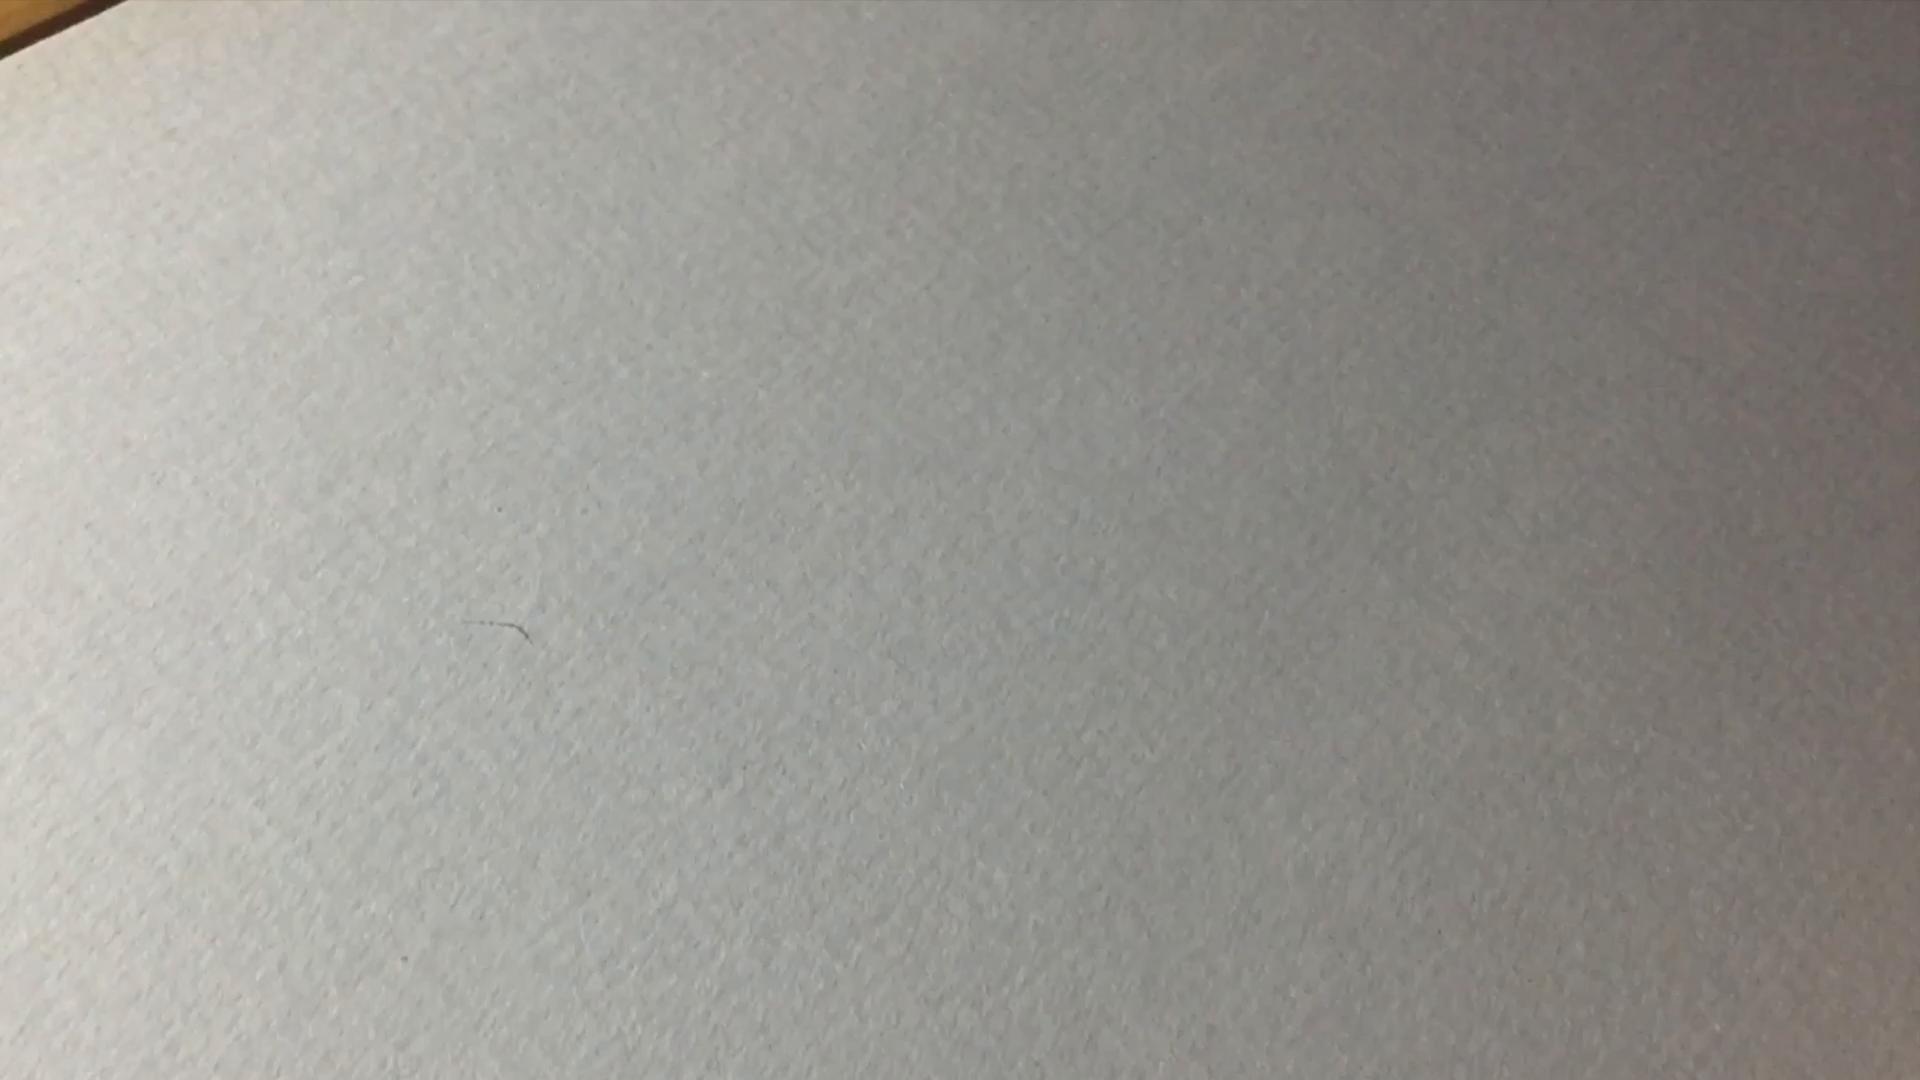 Augen malen mit Aquarell: Anleitung für Anfänger